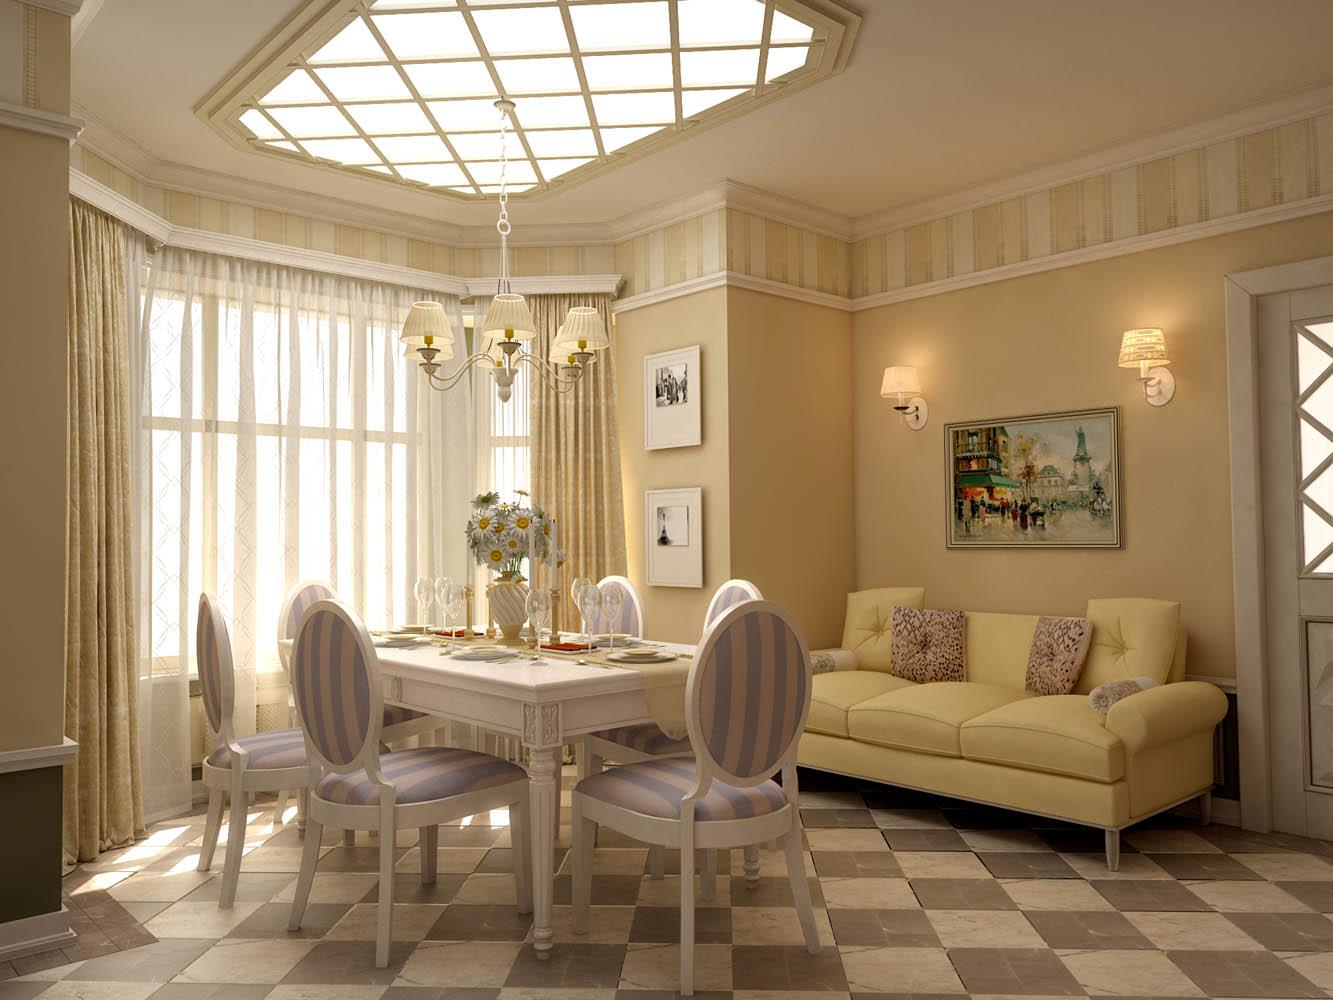 Уникальное оформление помещения в французском стиле